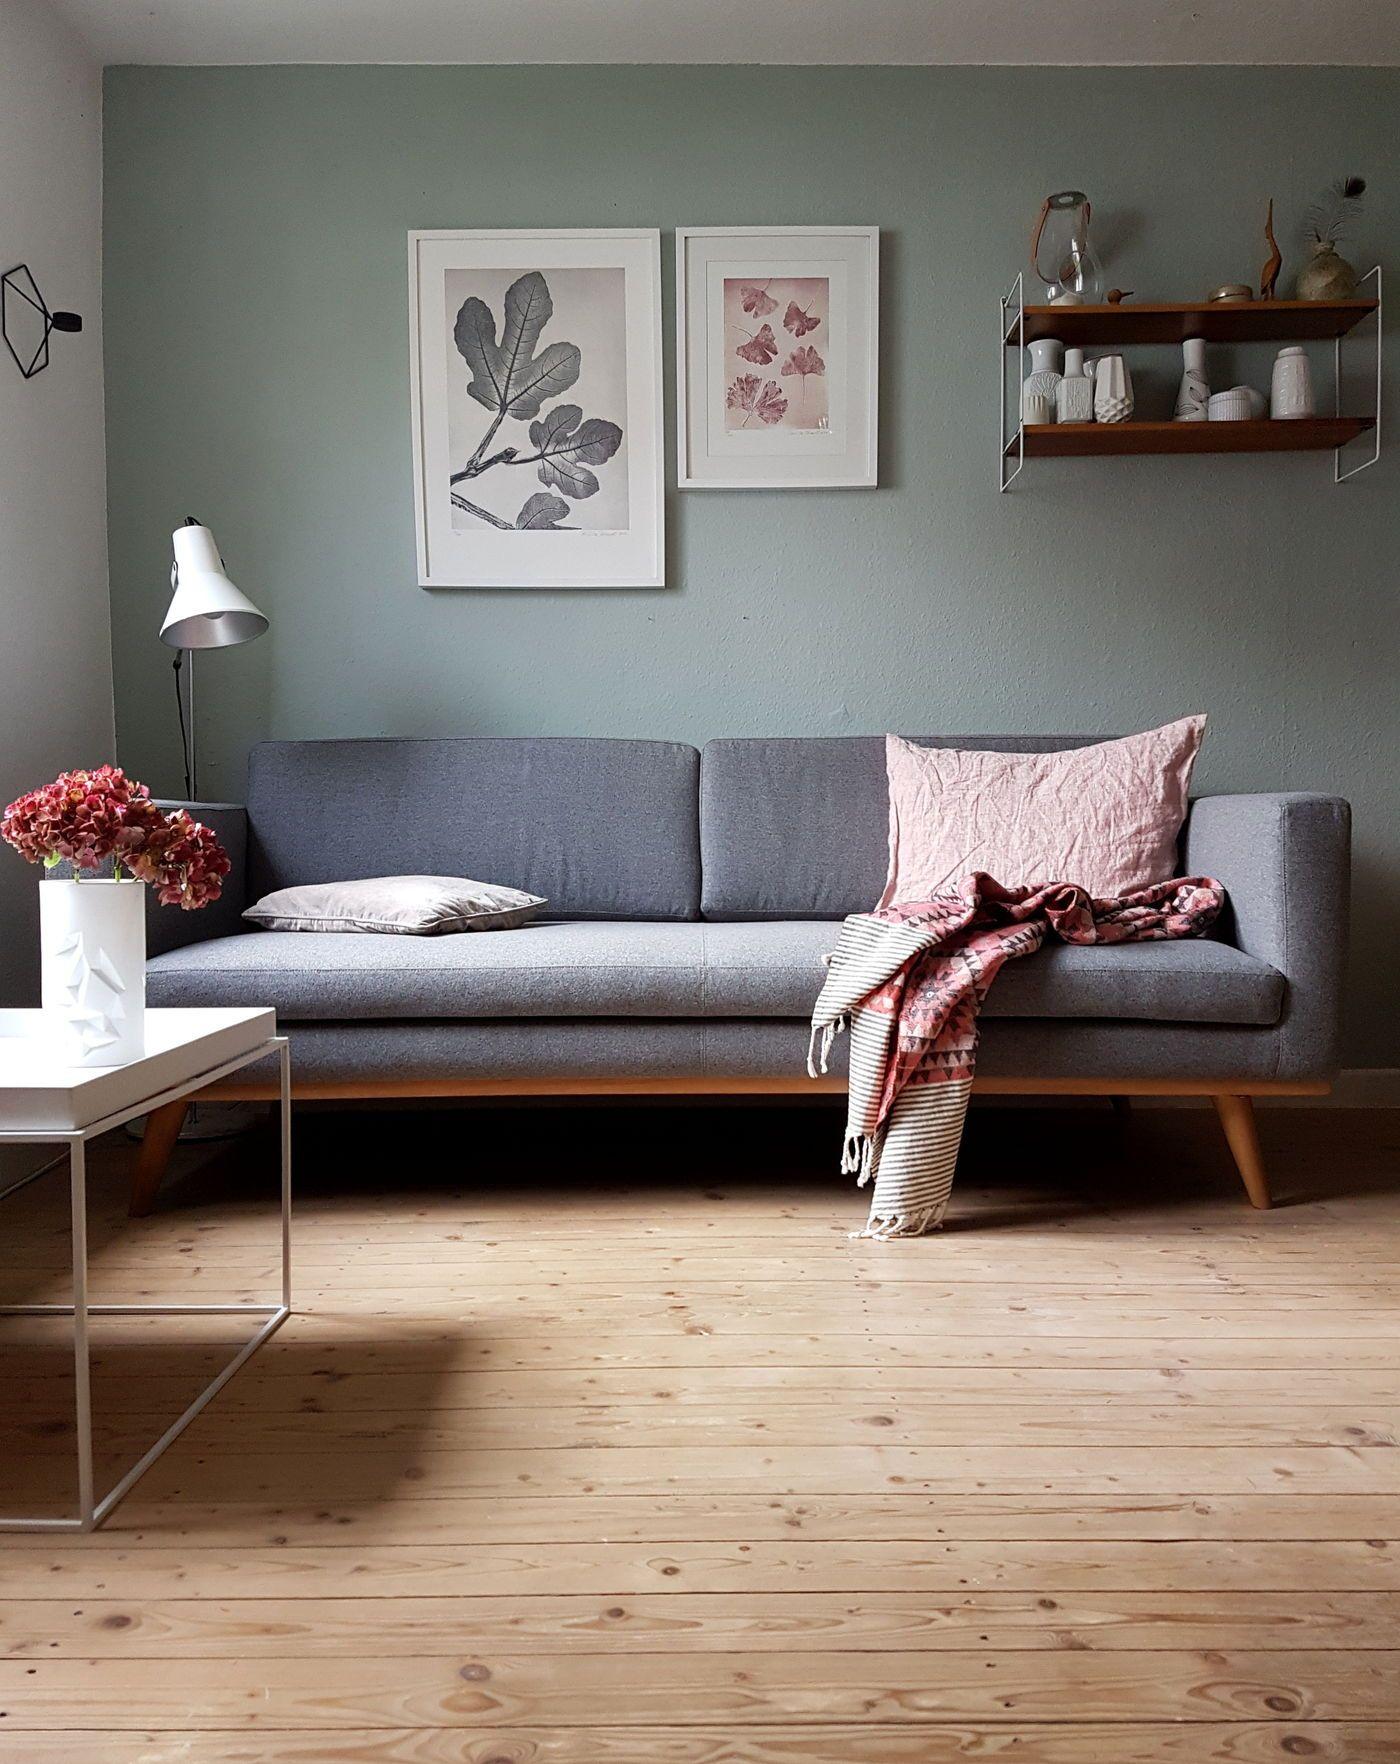 Die schnsten Ideen fr die Wandfarbe im Wohnzimmer